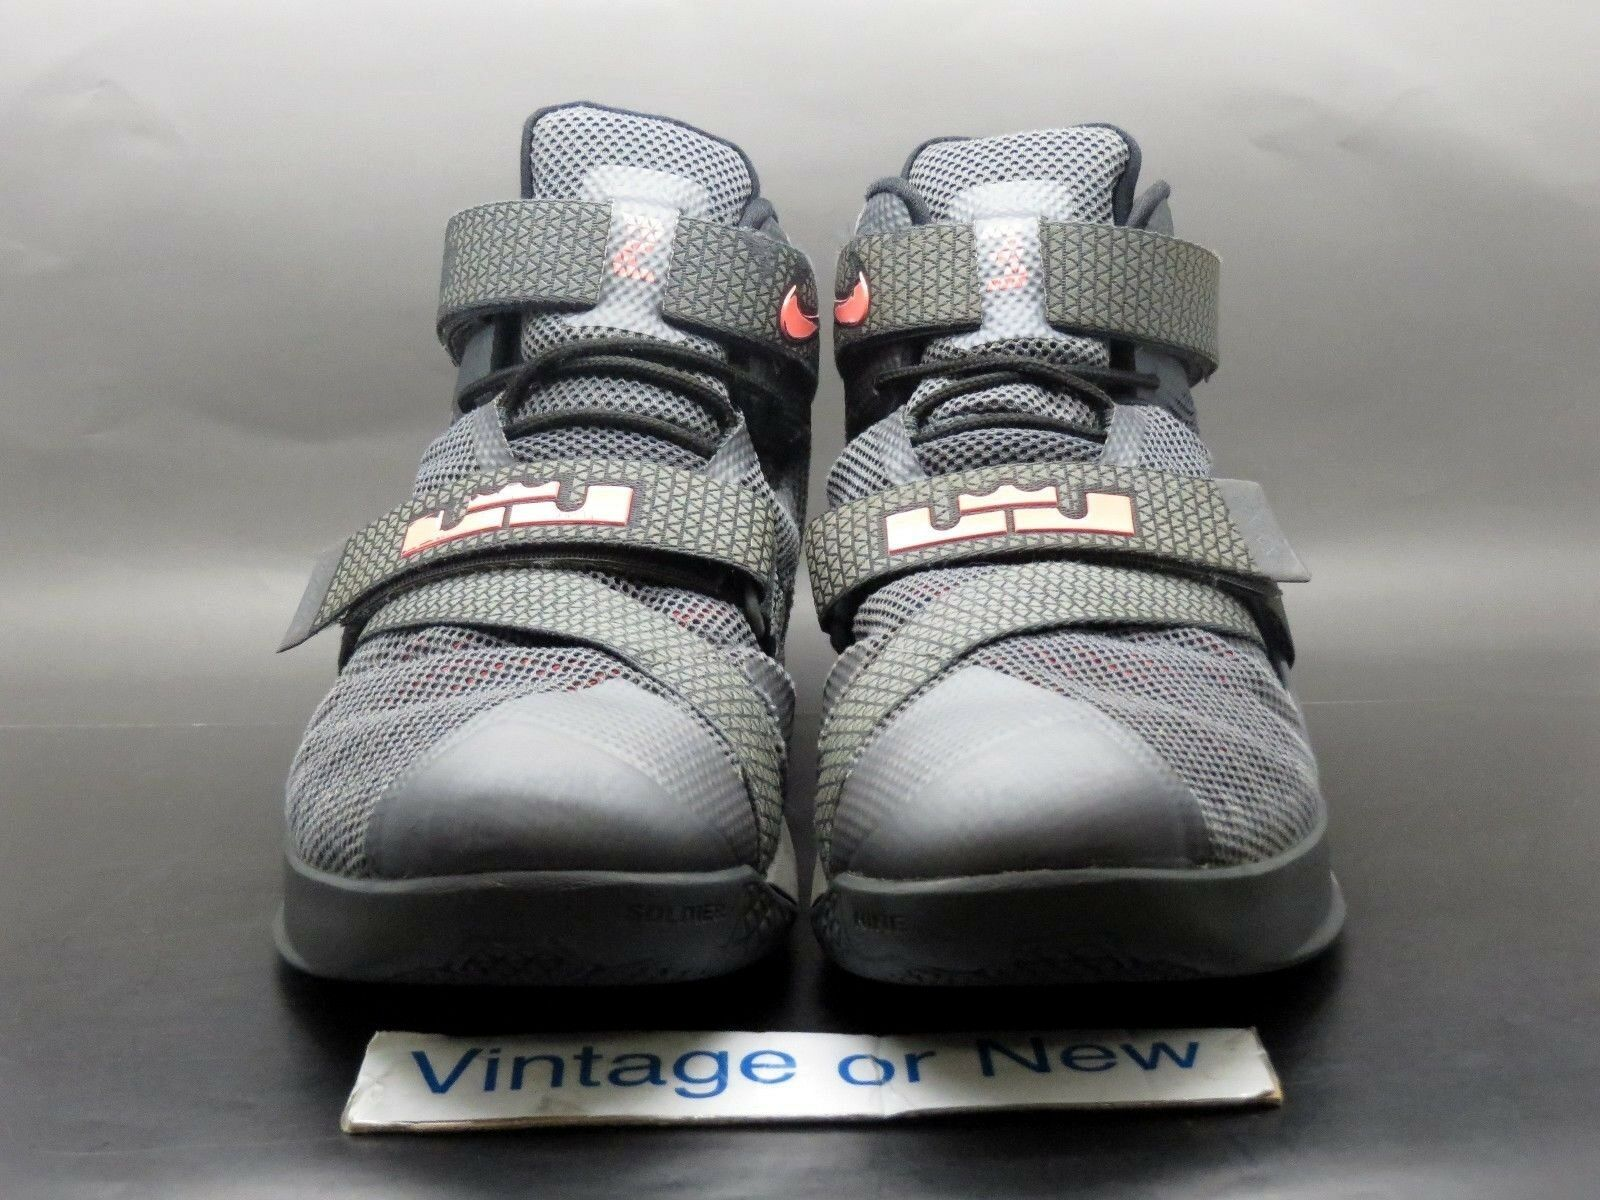 nike lebron soldat ix 9 premium gris foncé de la Noir lave chaude Noir la  sz 10 591789